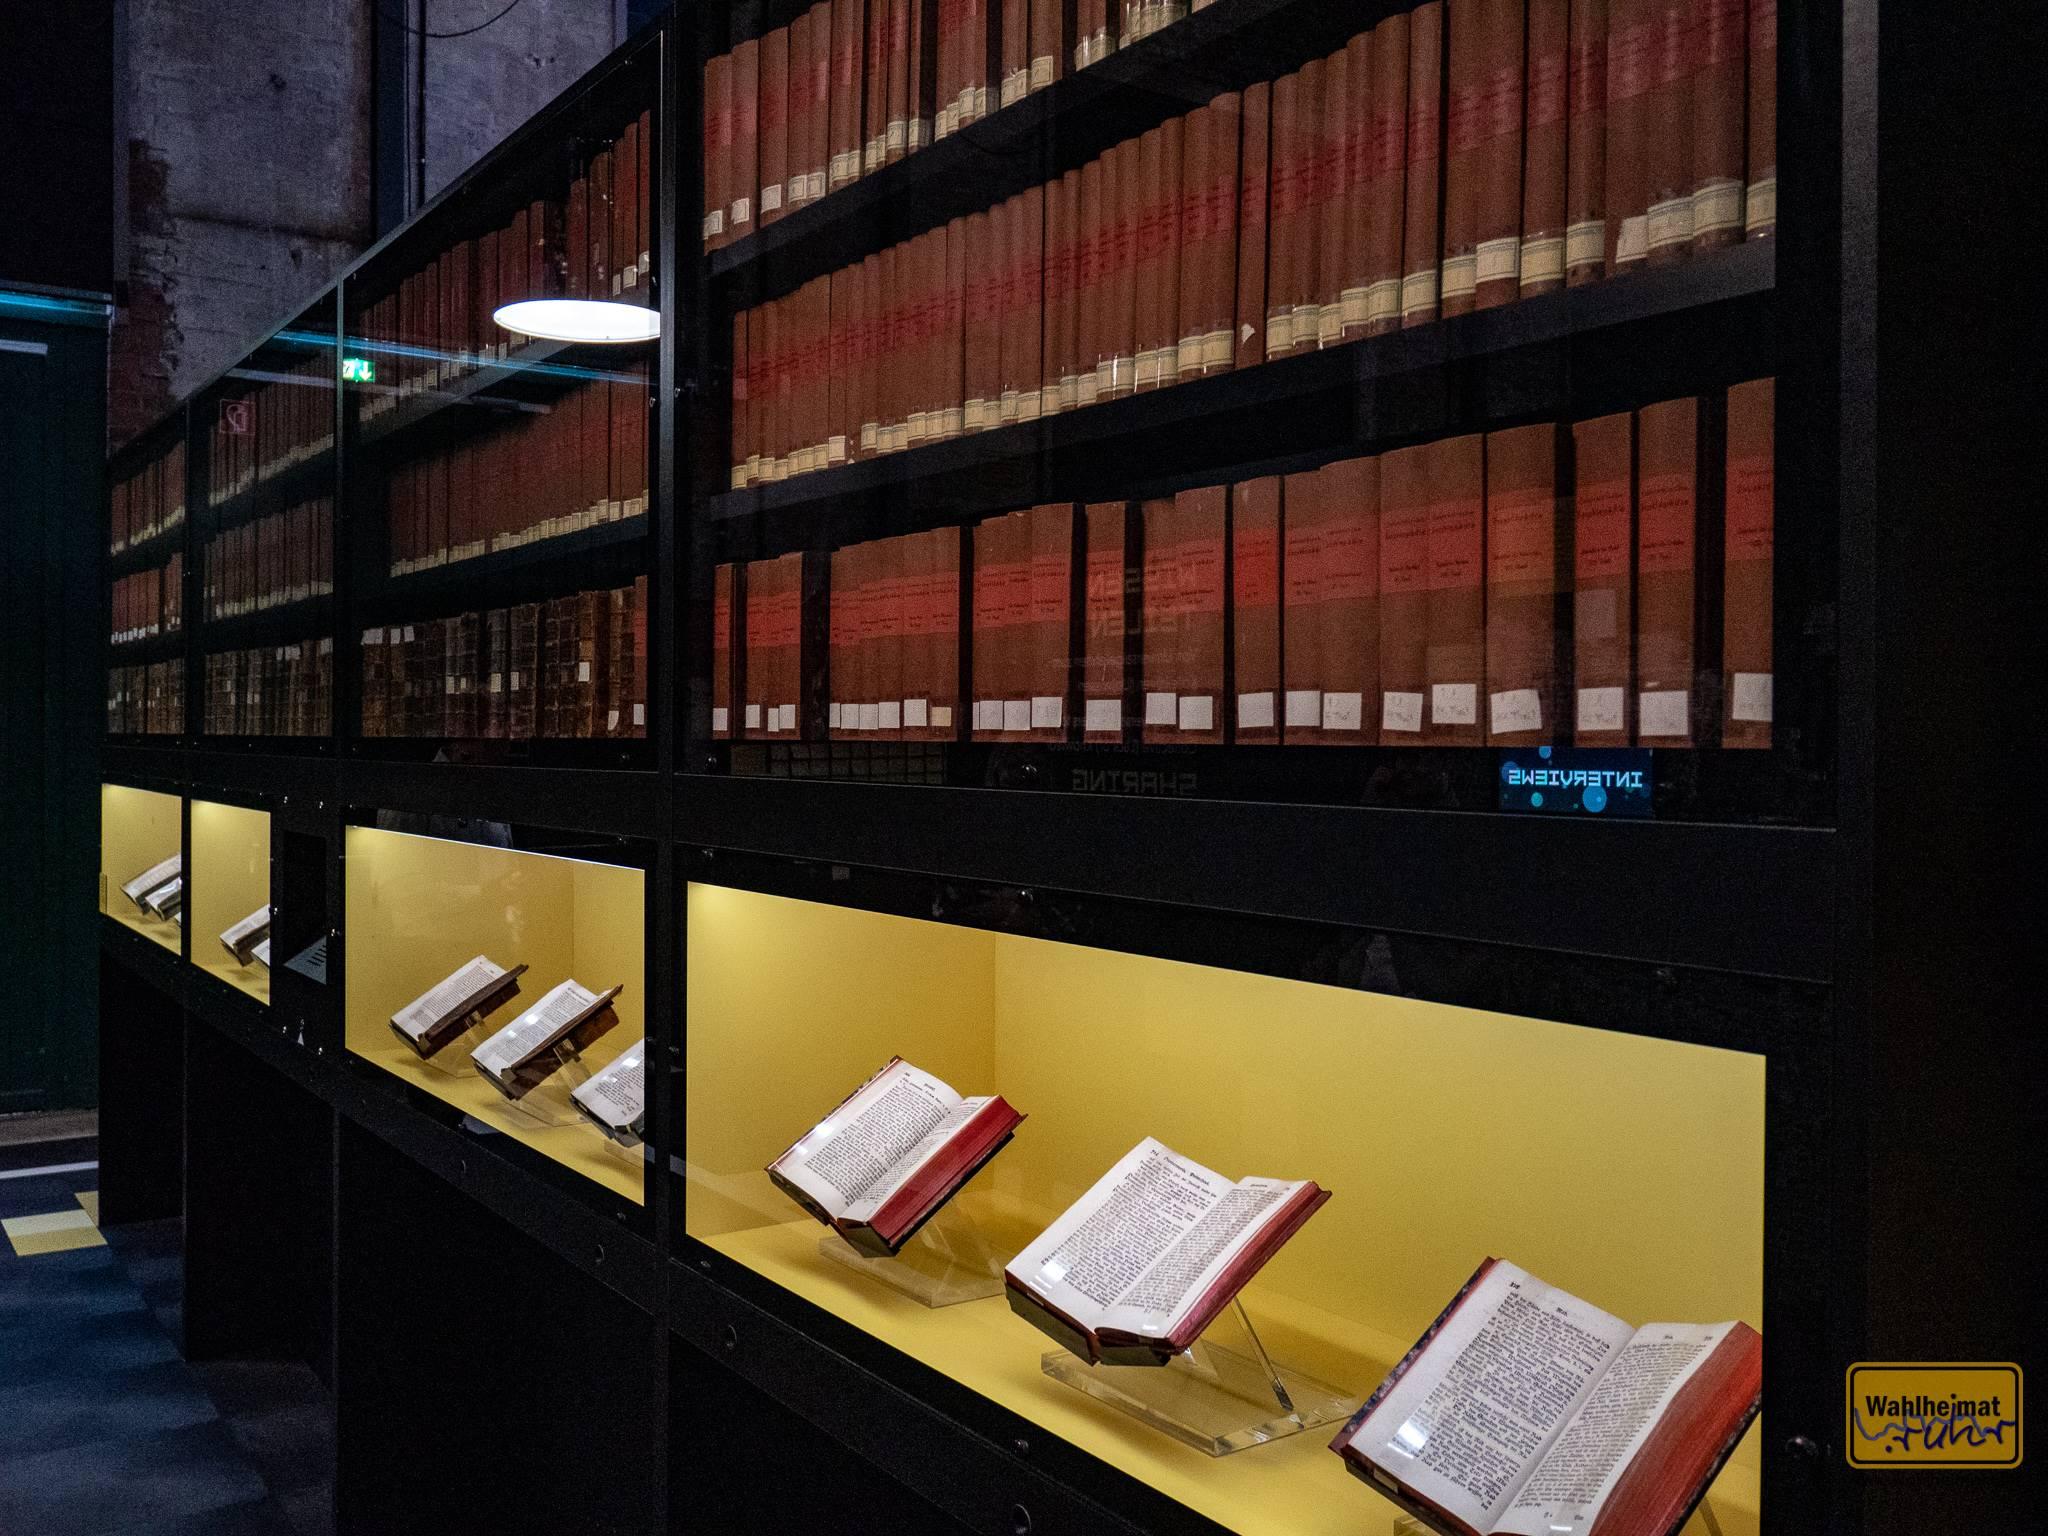 Grünitz hat zu Lebzeiten nicht alle Bände fertiggestellt. Aber mehrere Bände pro Jahr ist der Hammer!